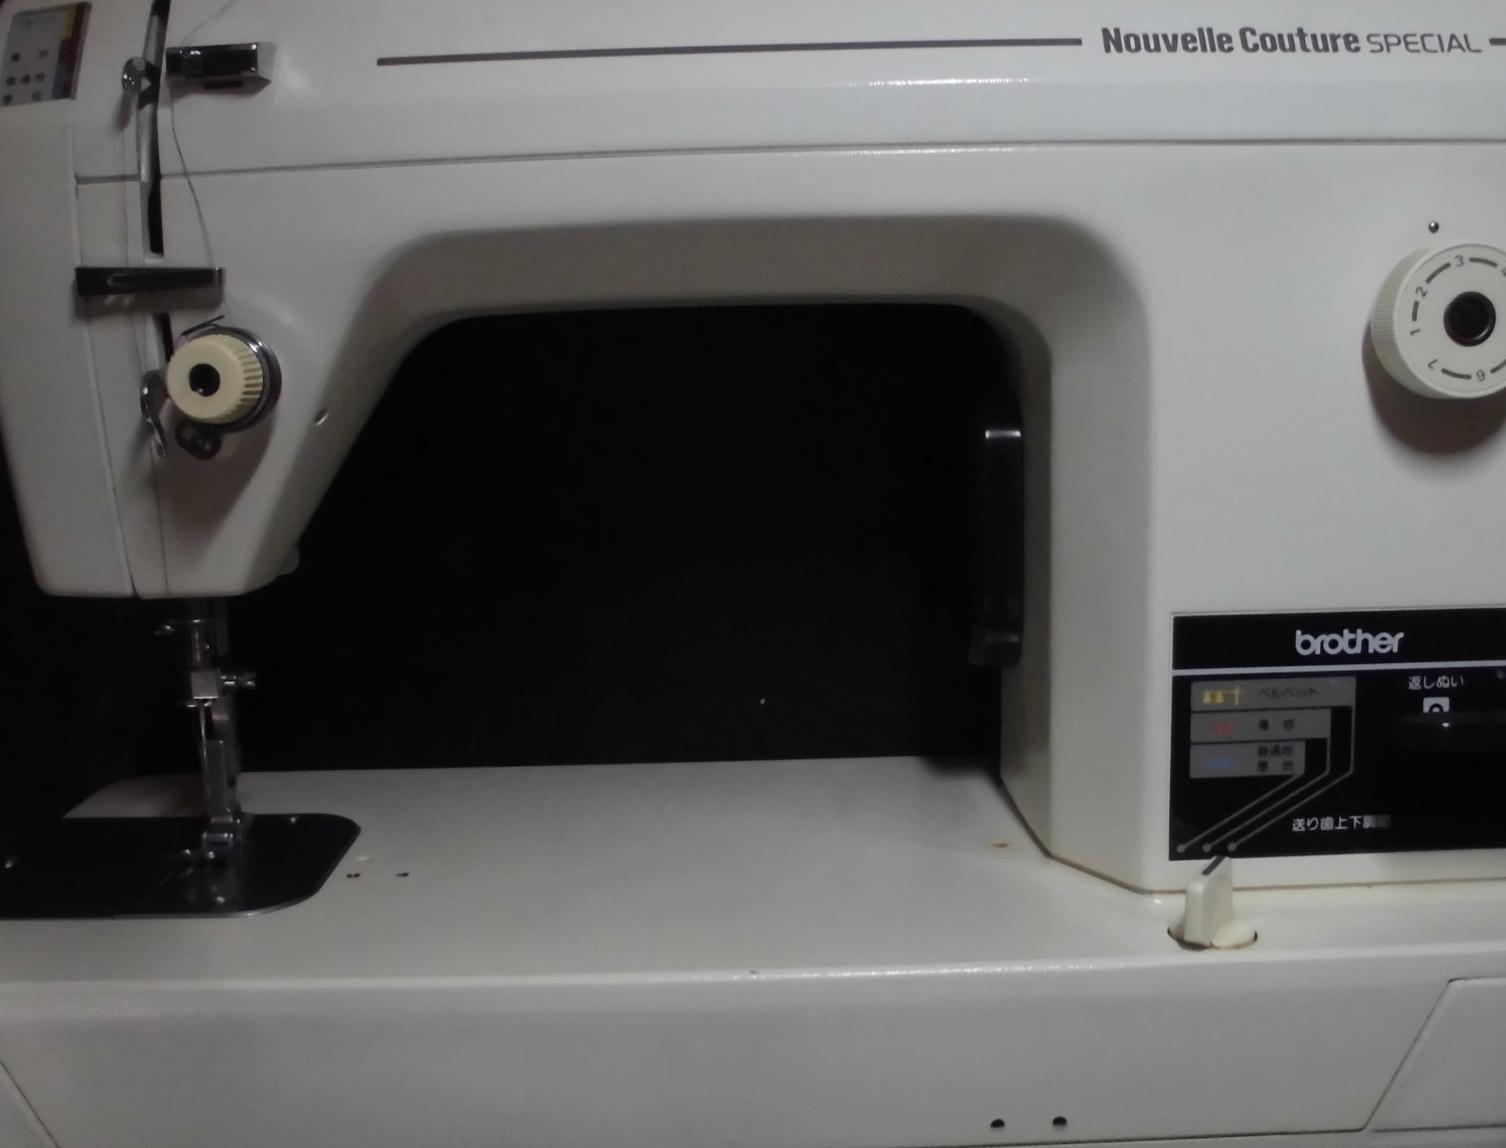 ブラザー職業用ミシン修理|ヌーベルクチュールスペシャル|糸調子が合わない